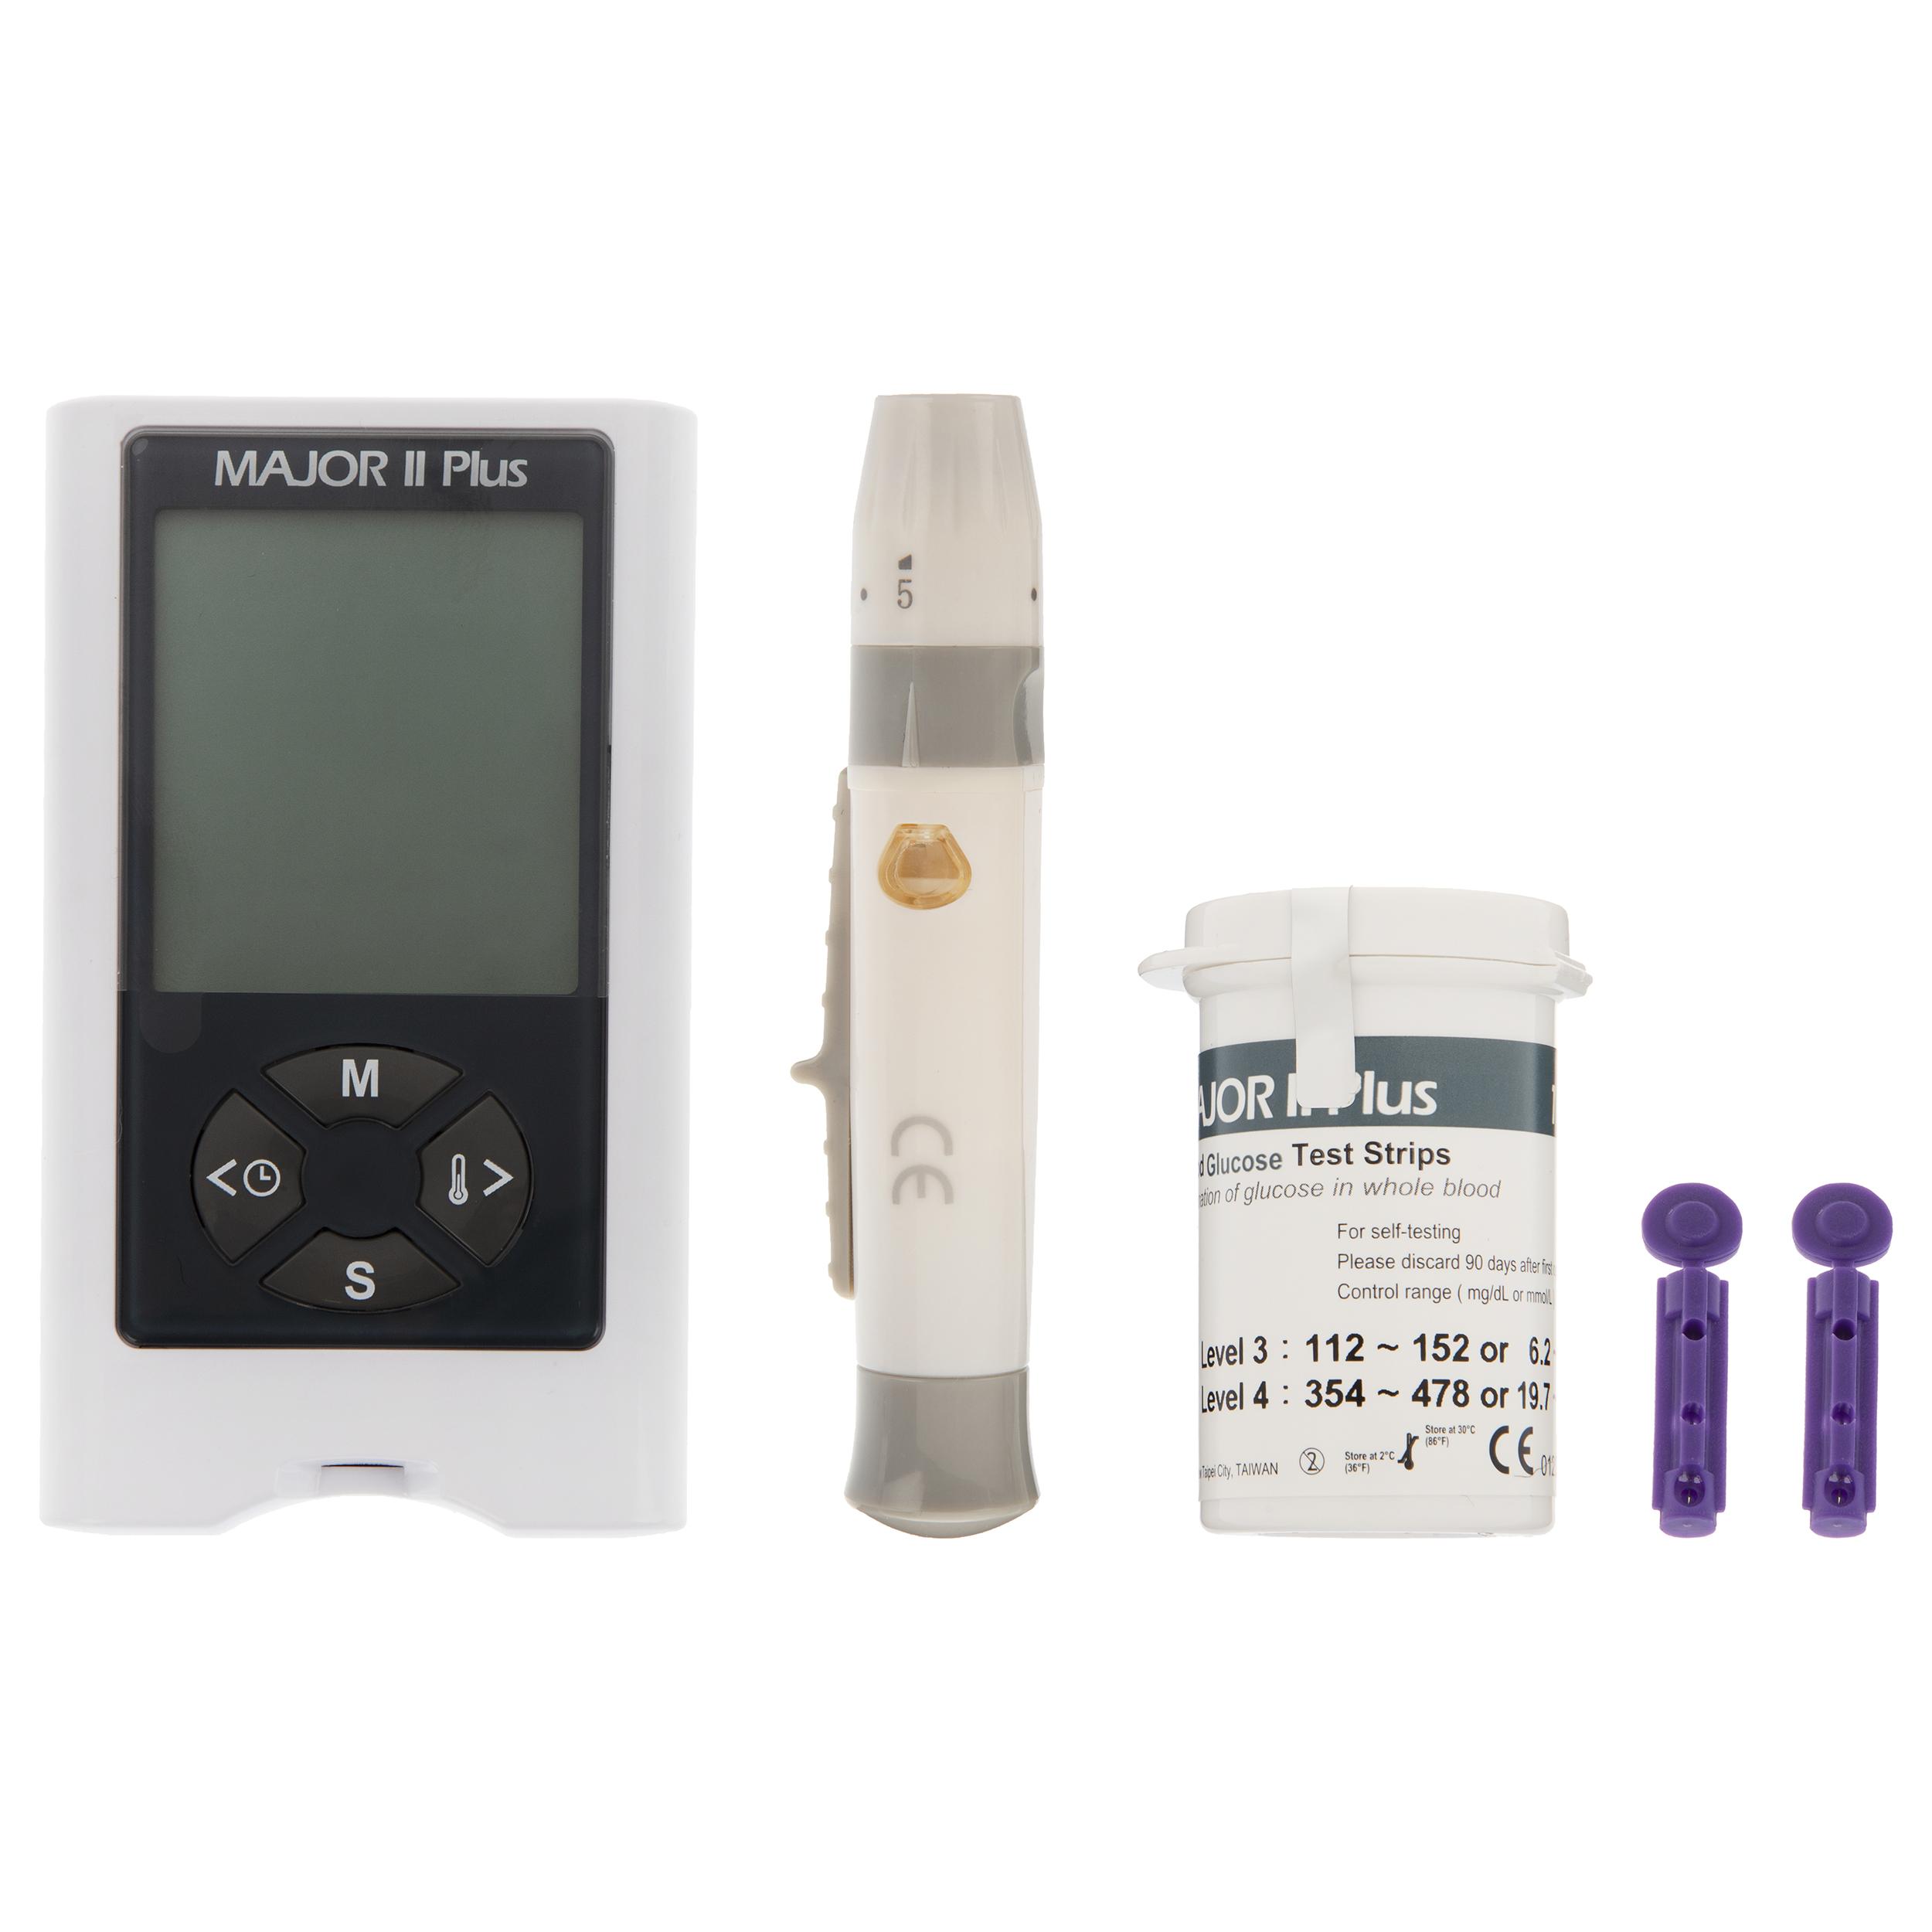 دستگاه تست قند خون ماژور ۲ پلاس مدل 05